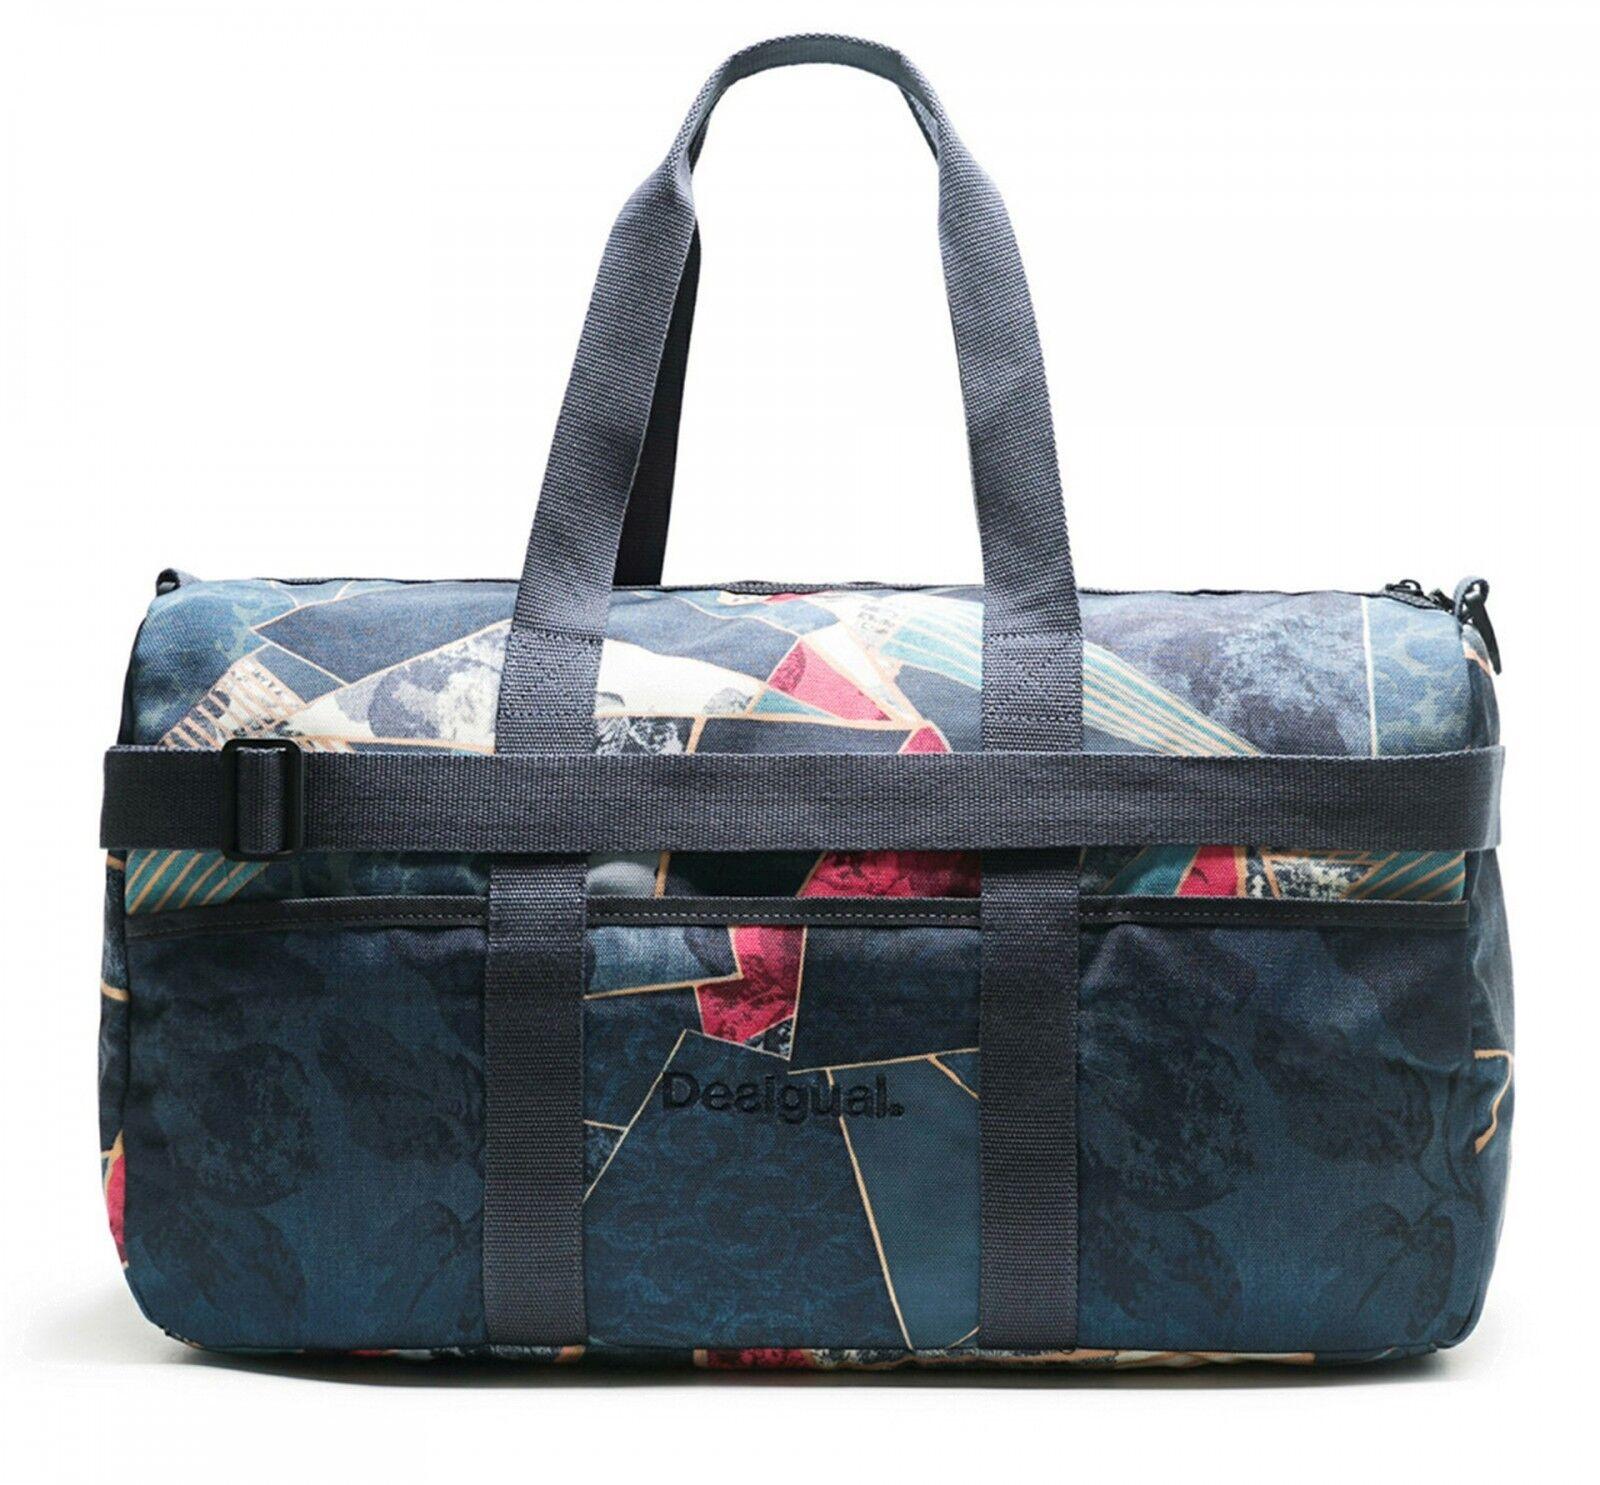 Desigual Sports Bag Dark Dark Bag Denim Gym 6dcdf4